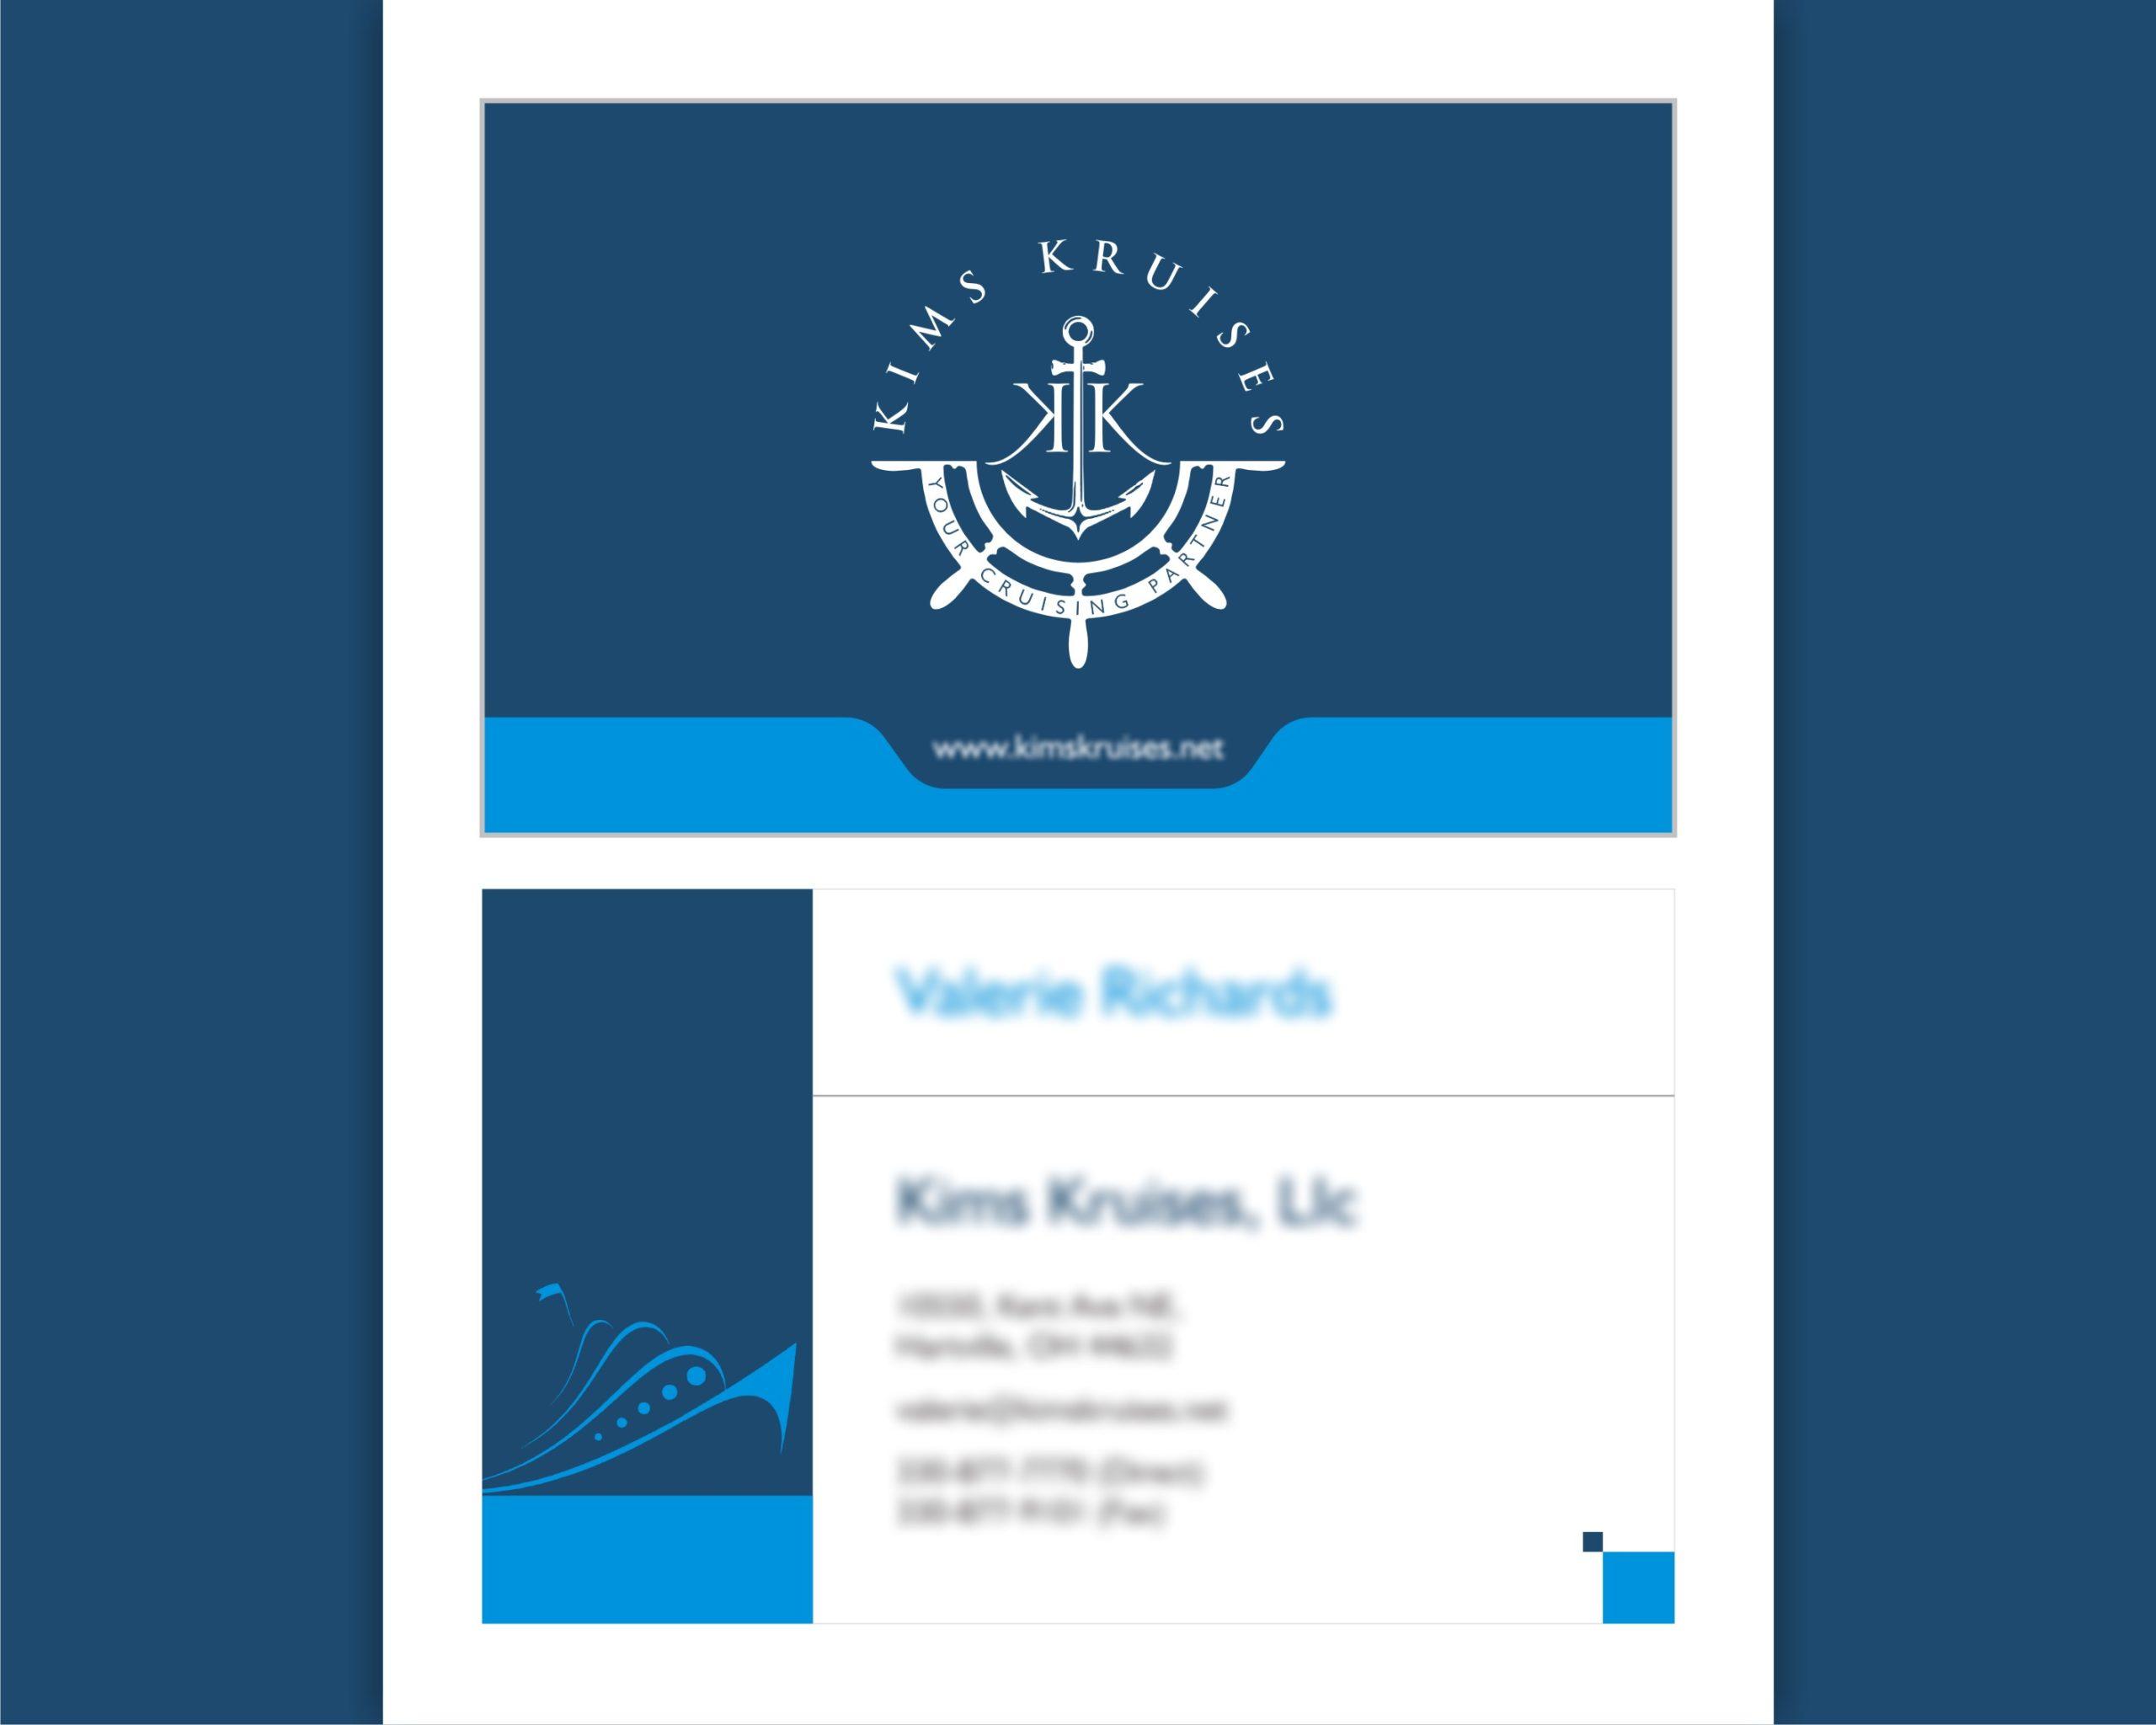 Kims-Cruises-image3